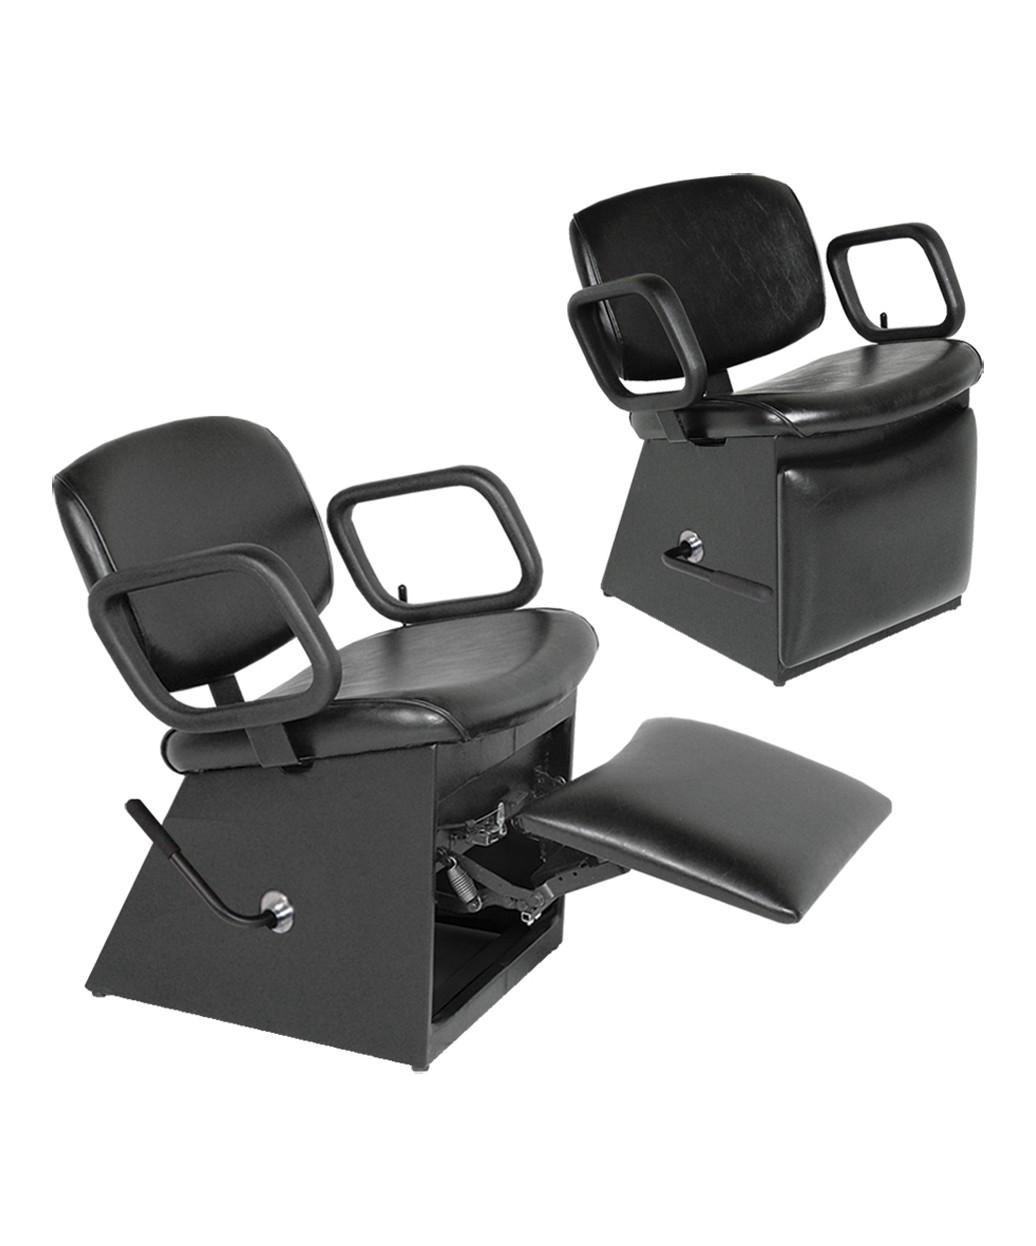 Collins QSE 1850L Lever-Control Shampoo Chair w/ Leg-Rest